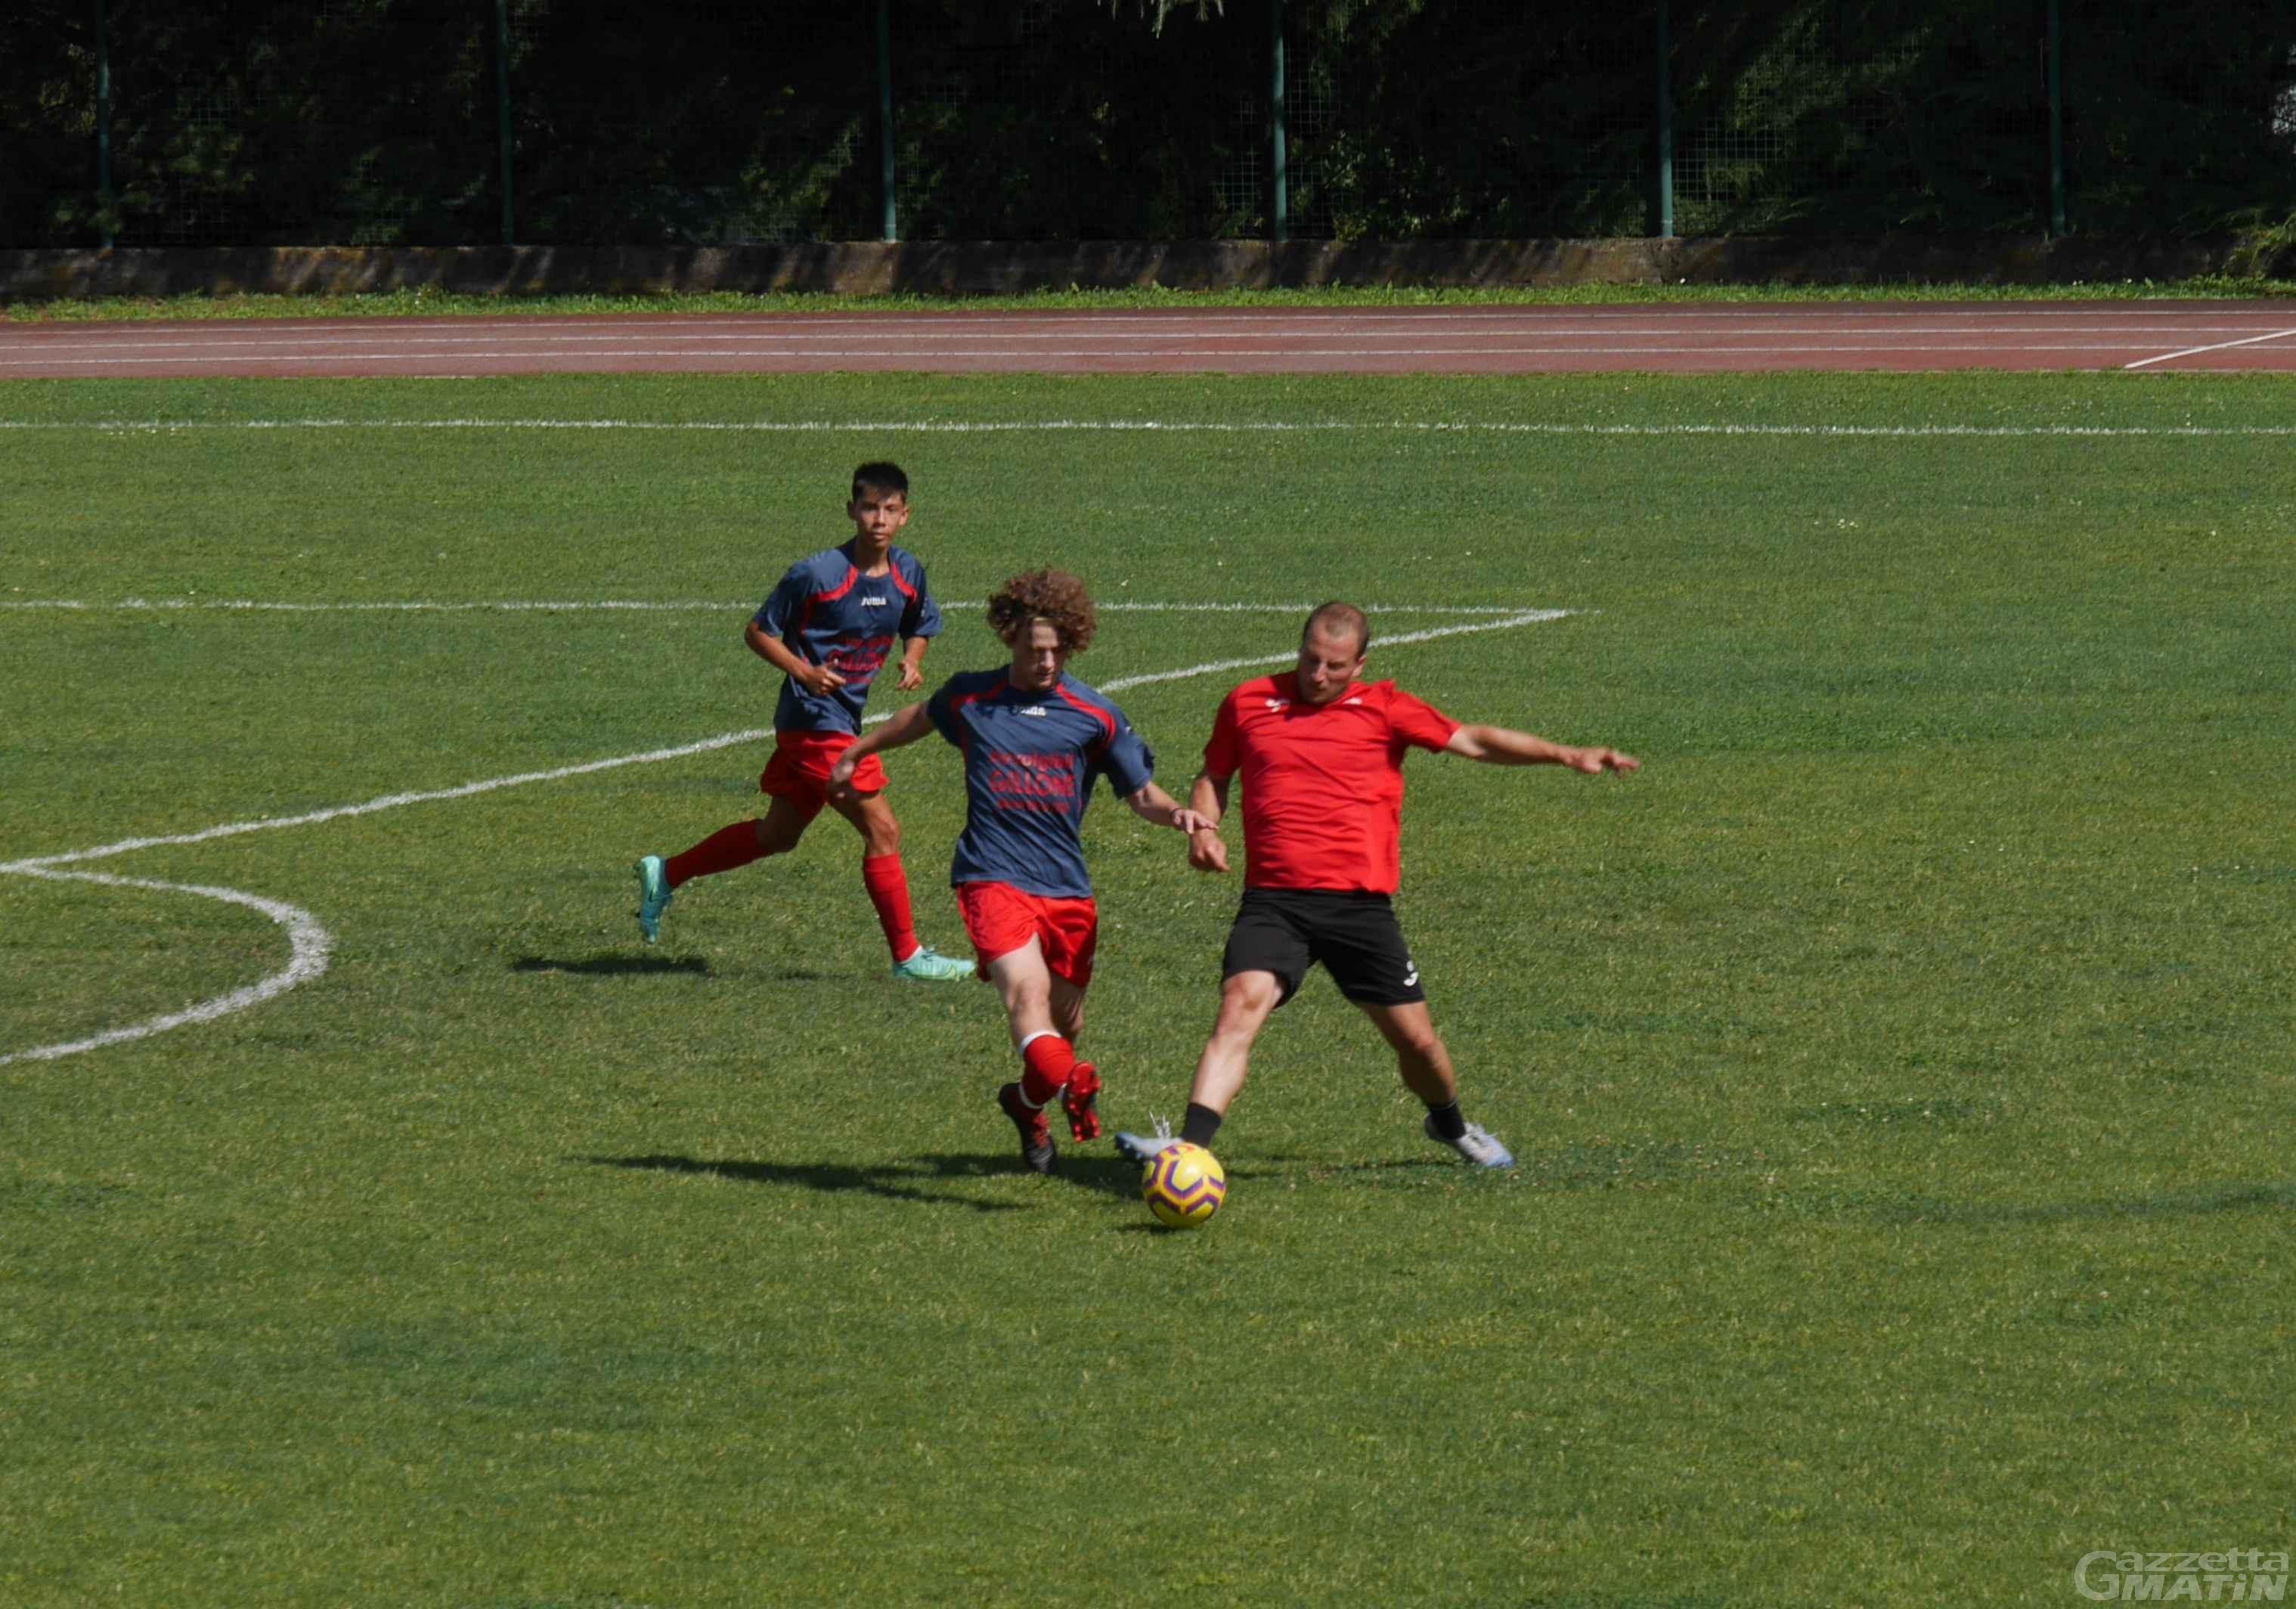 Calcio: Furfori risponde a Chiappino, Aygreville-LG Trino finisce pari